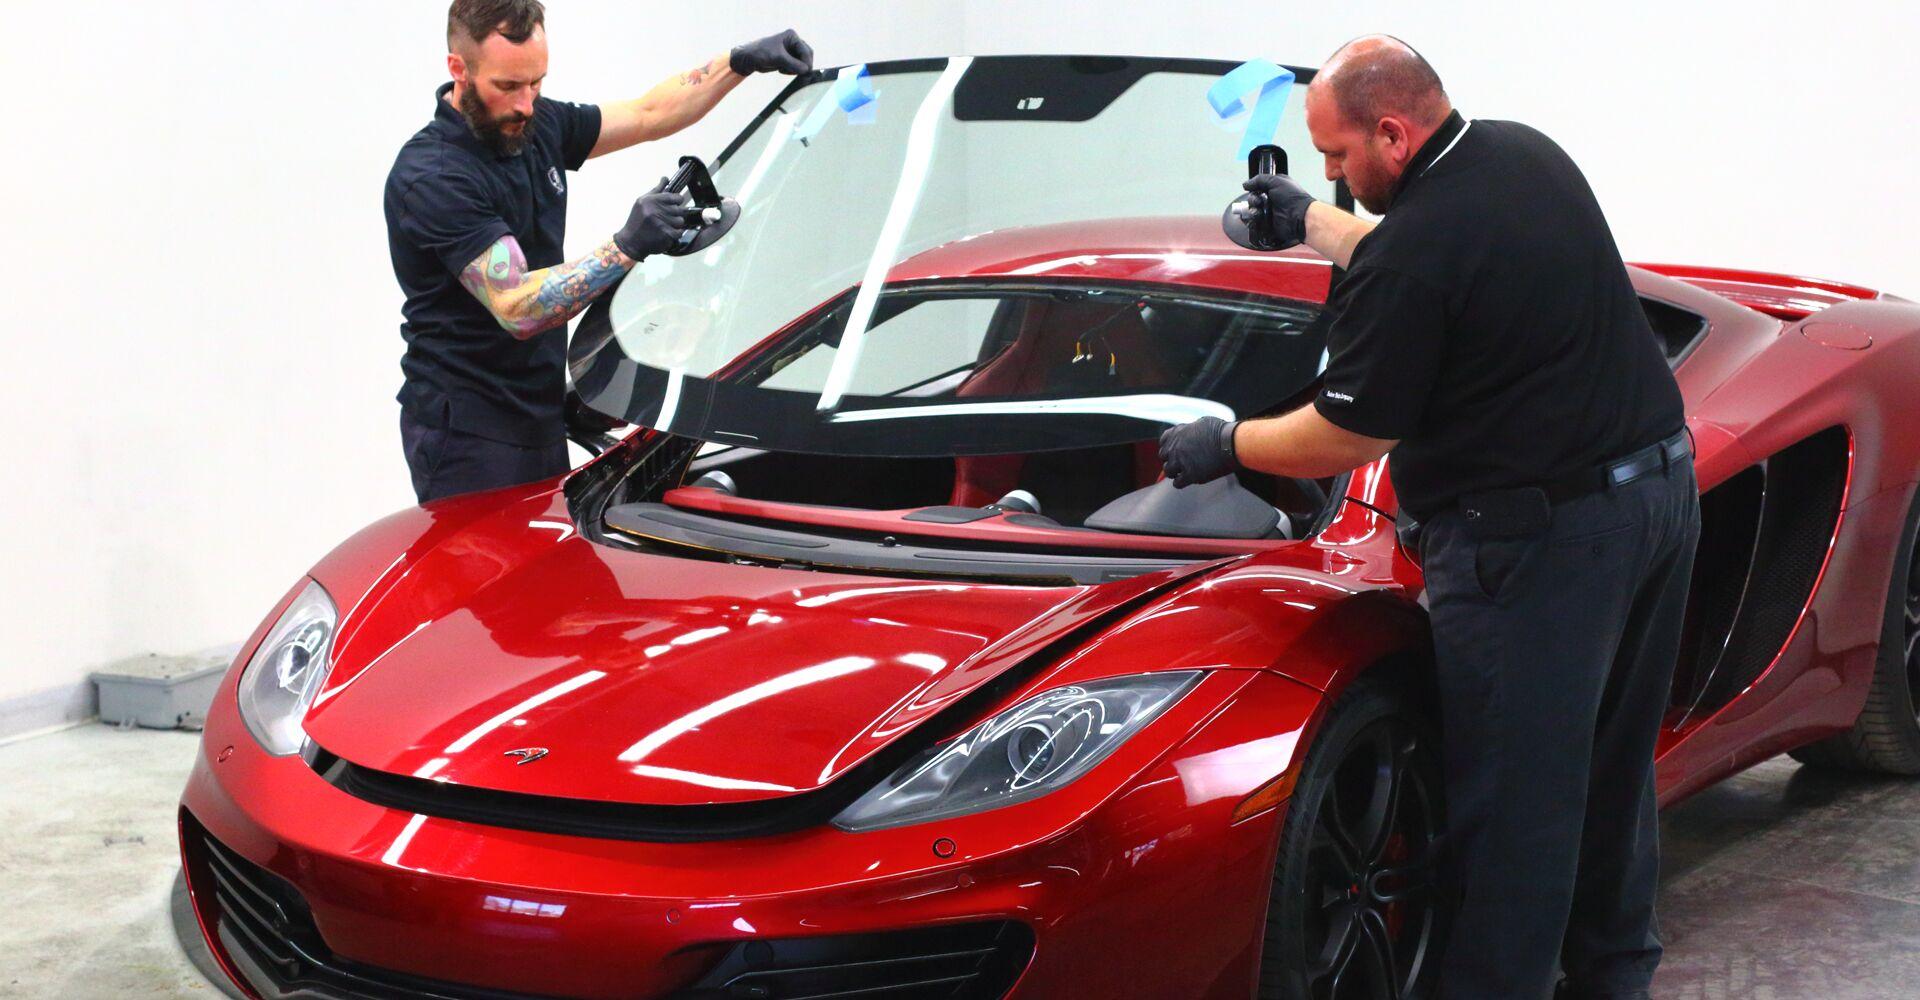 Used Car Dealerships In Charleston Sc >> Baker Motor Company Charleston SC